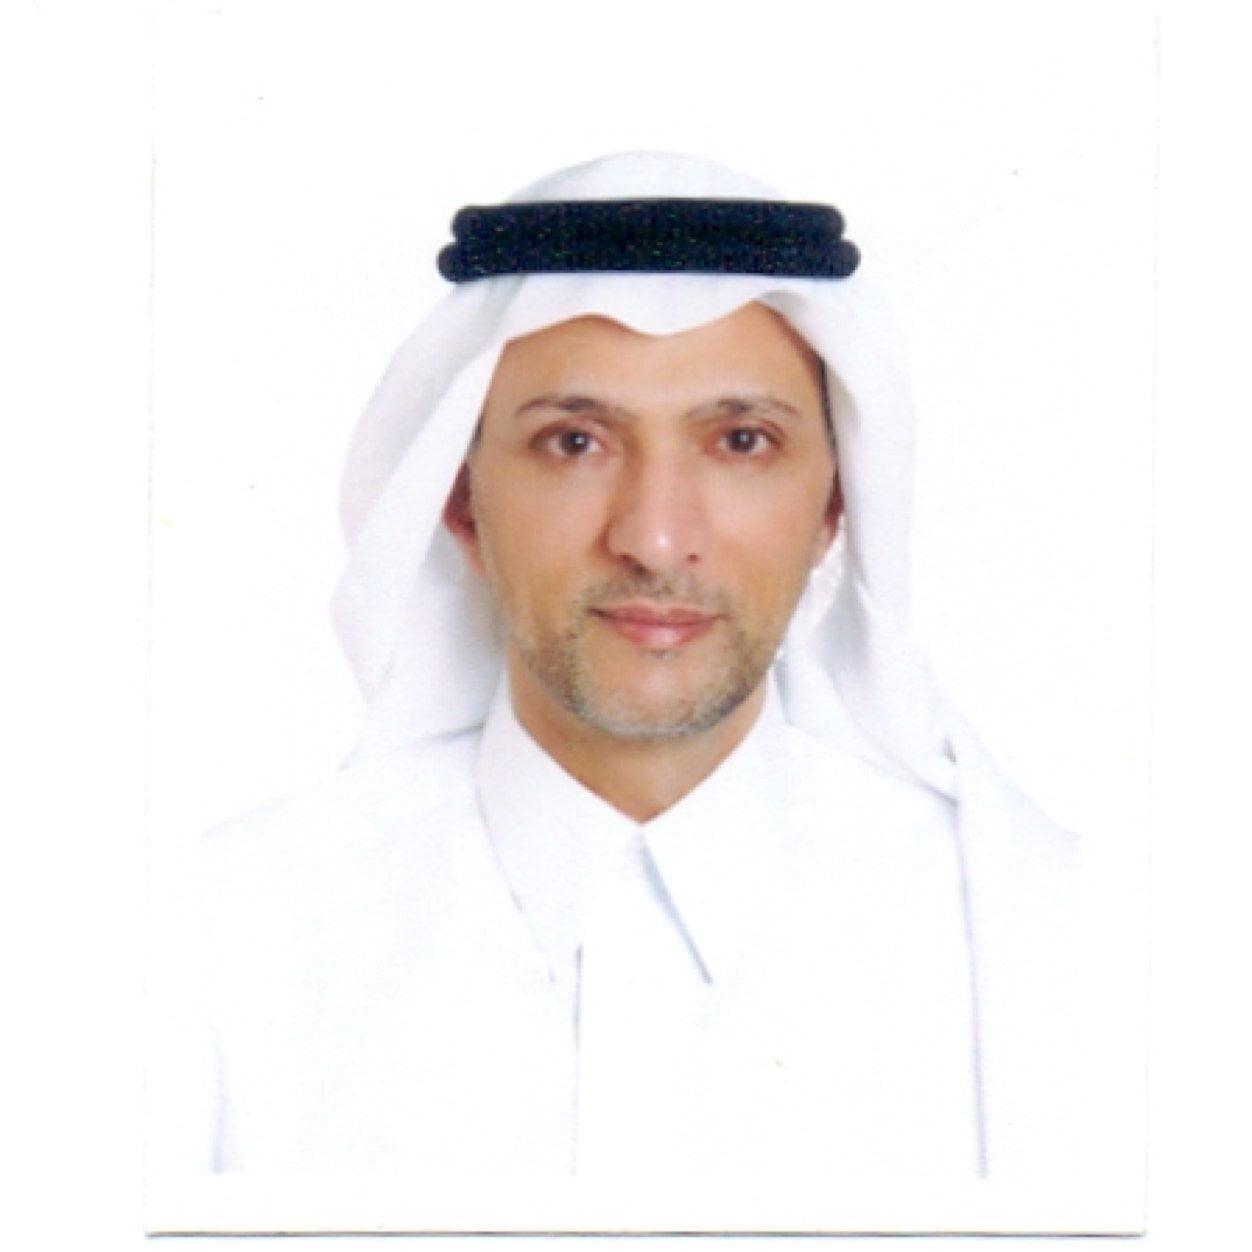 المحامي والموثق عبدالعزيز عبدالرزاق الغامدي (@Zk1Aziz) | Twitter